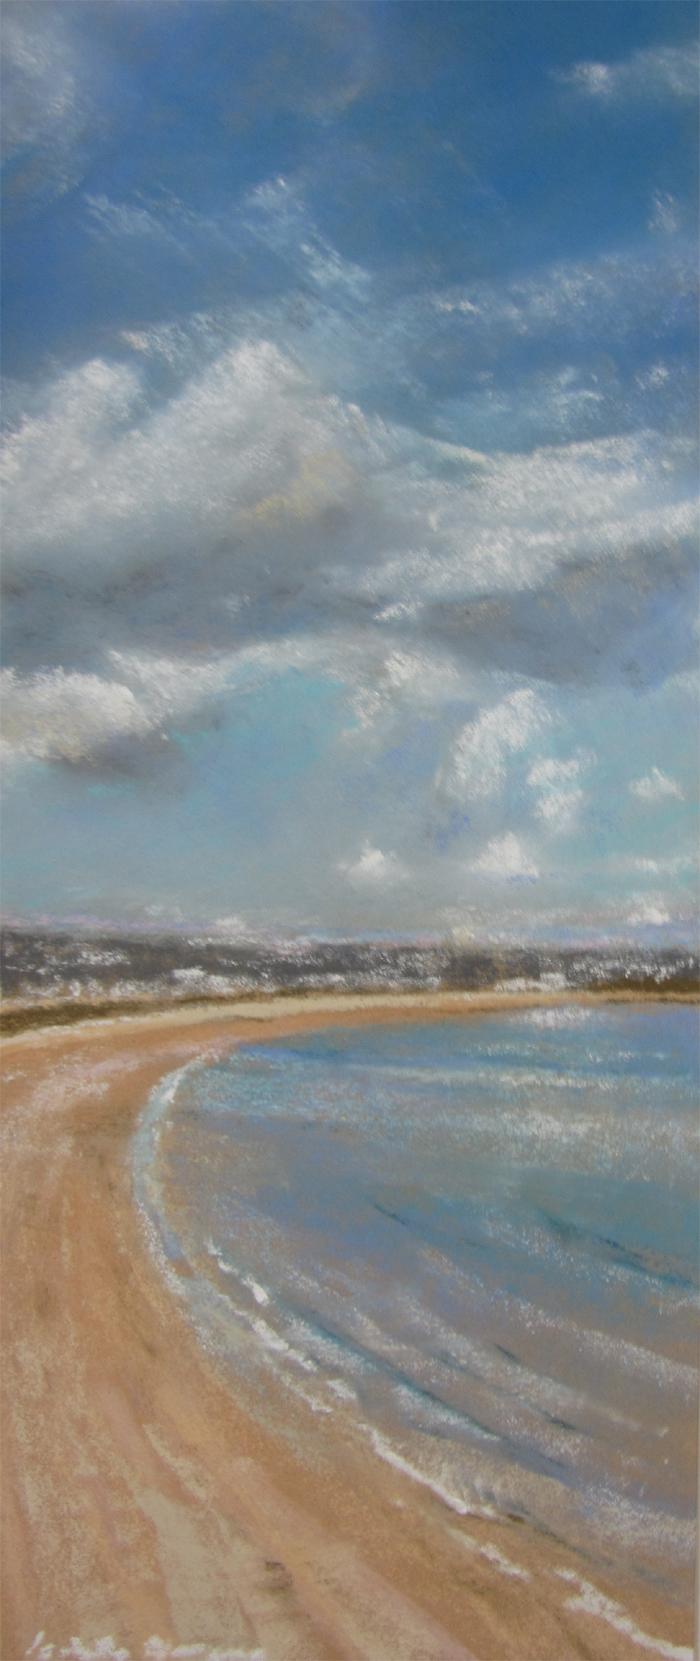 La grande plage des Mielles à St-Cast - Peinture au pastel sec par l'artiste peintre Isabelle Douzamy - 30x57 cm